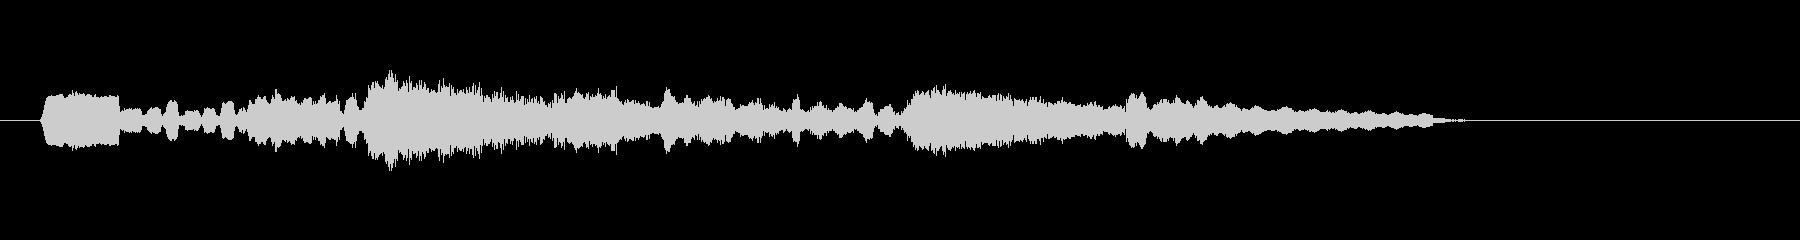 テーマ15B:フルミックス、神秘的...の未再生の波形